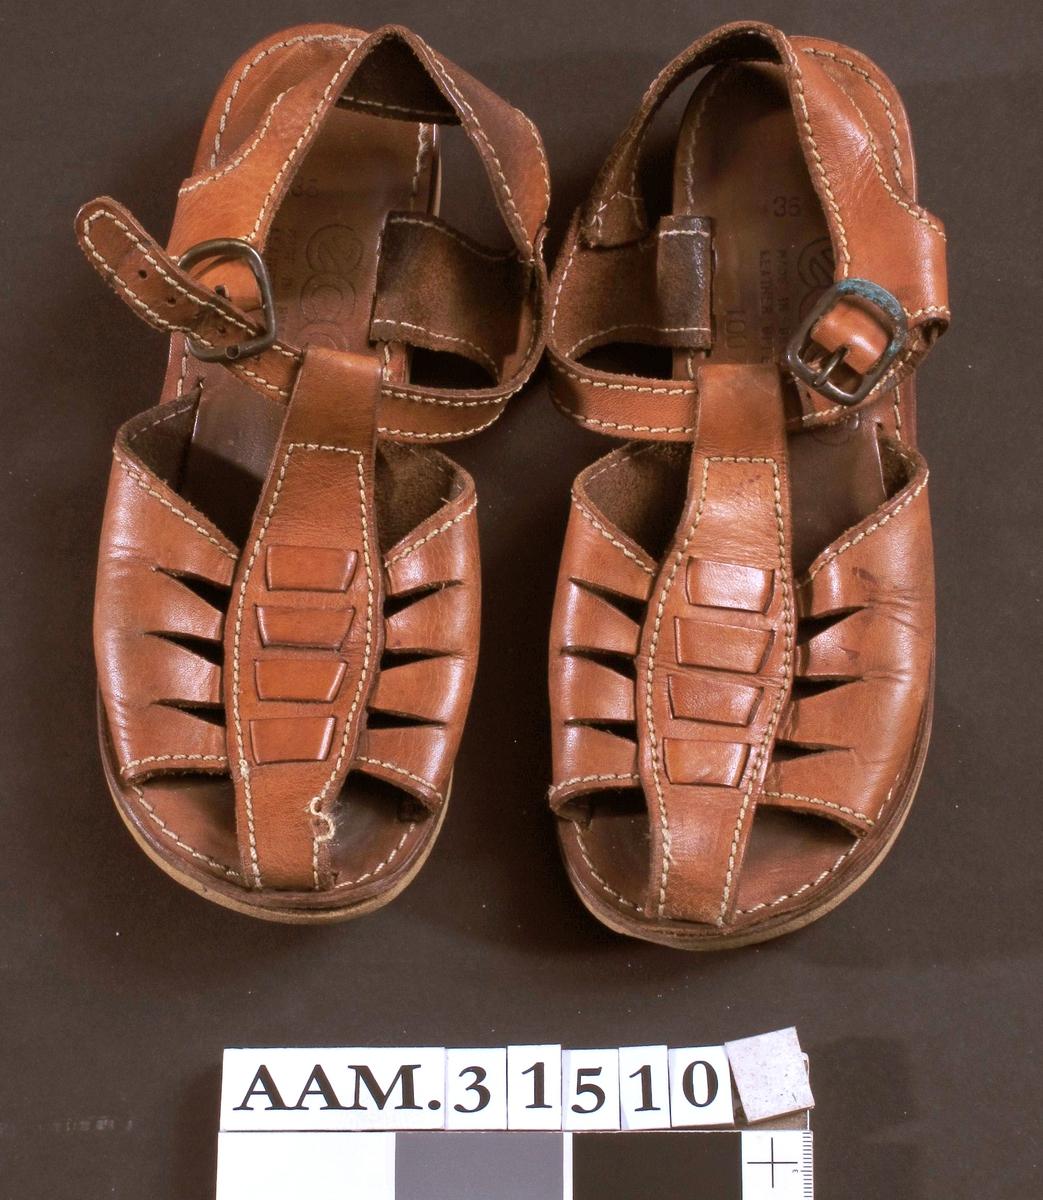 Brune sandaler i lær.  Opprinnelig trolig hvite stikninger langs kantene på lærremmene.  Ankelrem med messingspenne (anløpet).  Flate.  Såle i kunststoff og tre.  Merket med 1007 (modellnummer?)  Størrelse 36